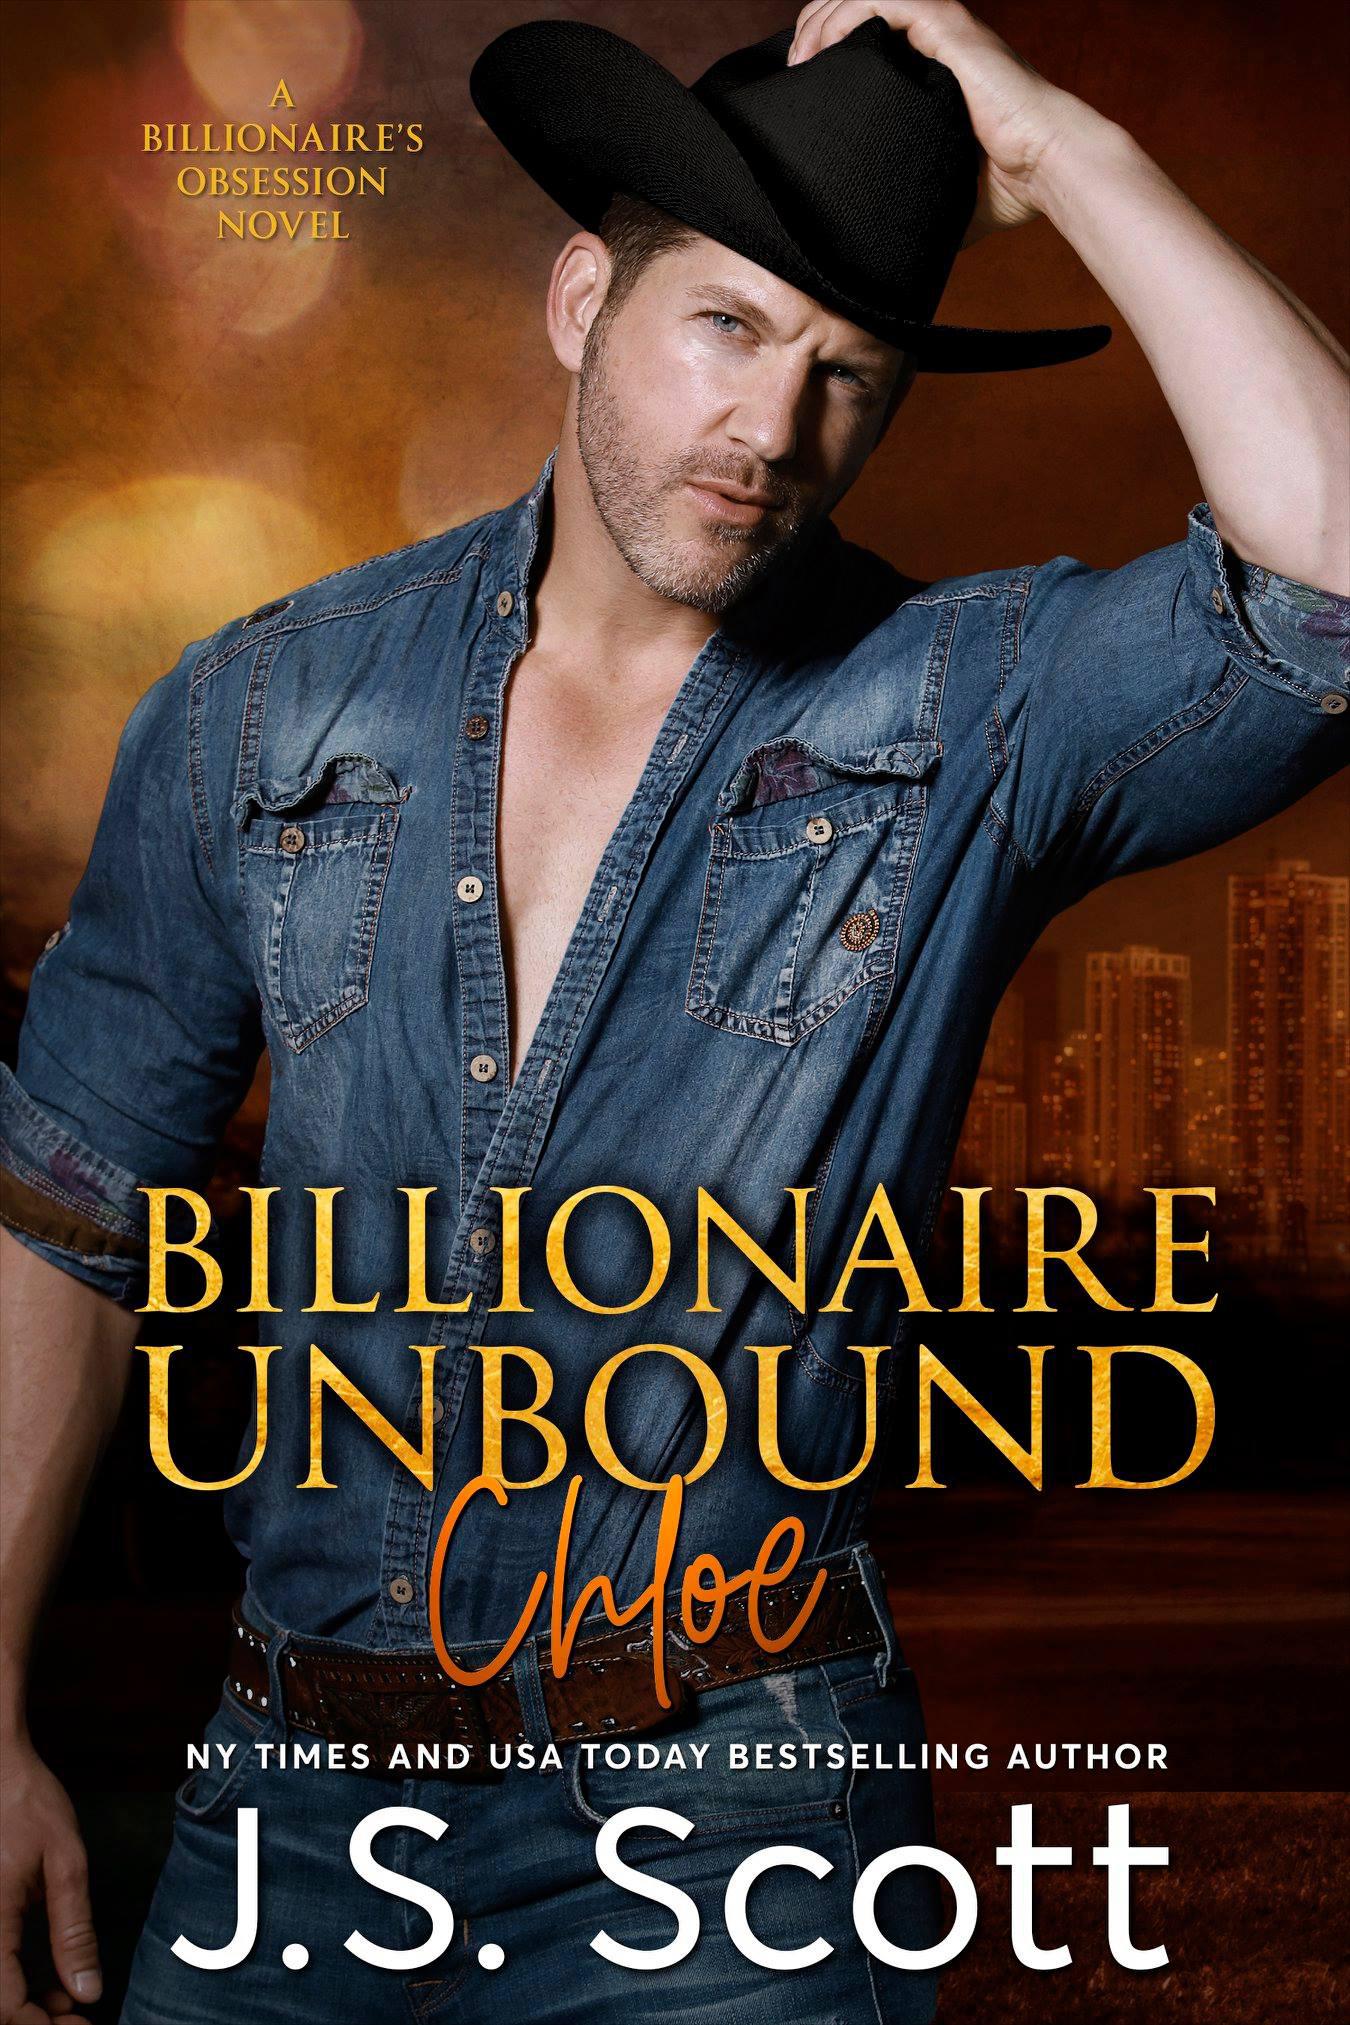 BILLIONAIRE UNBOUND - CHLOE